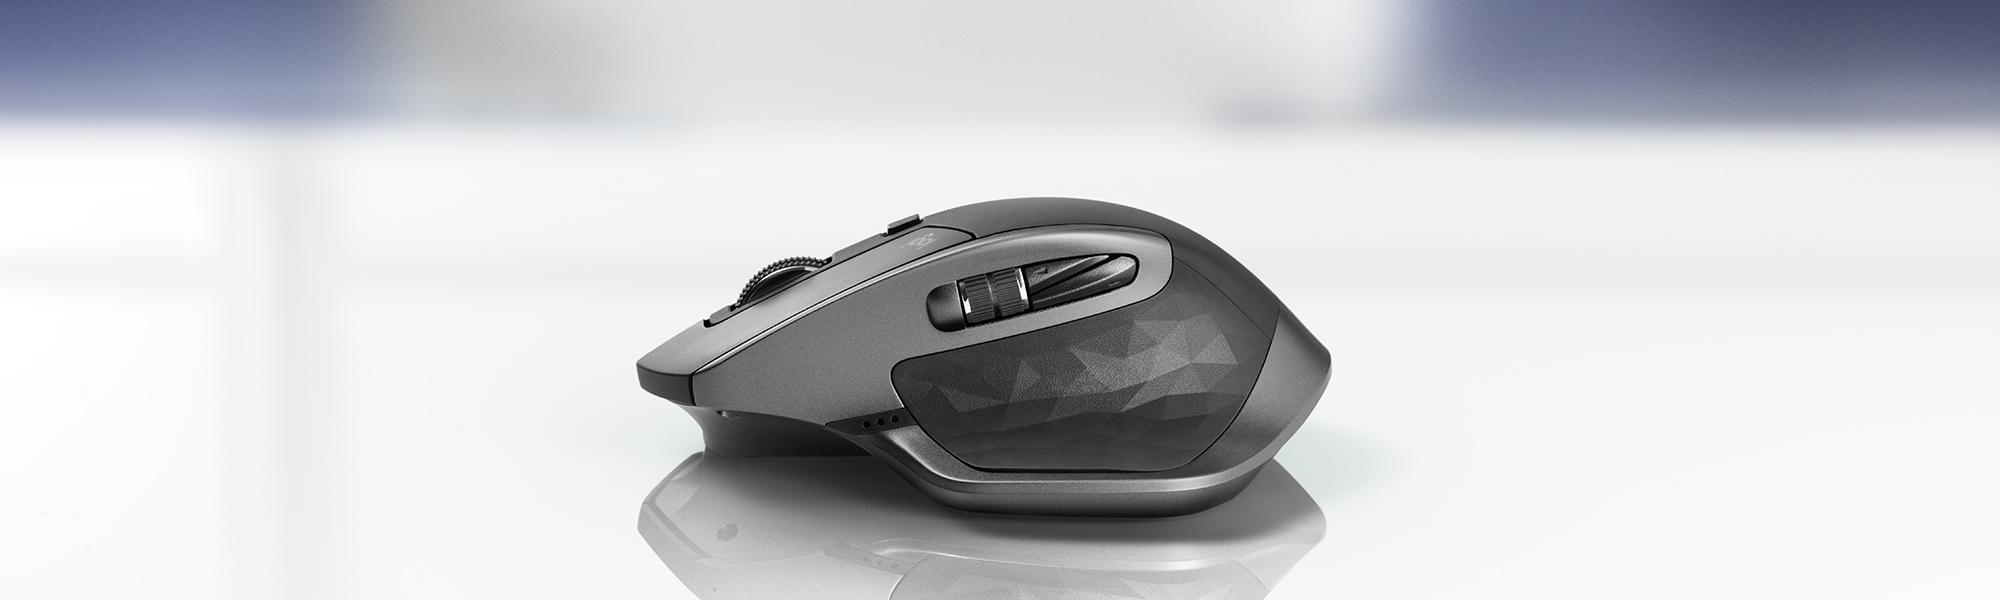 Если у вас Windows 10, то новая царь-мышь от Microsoft вам просто необходима